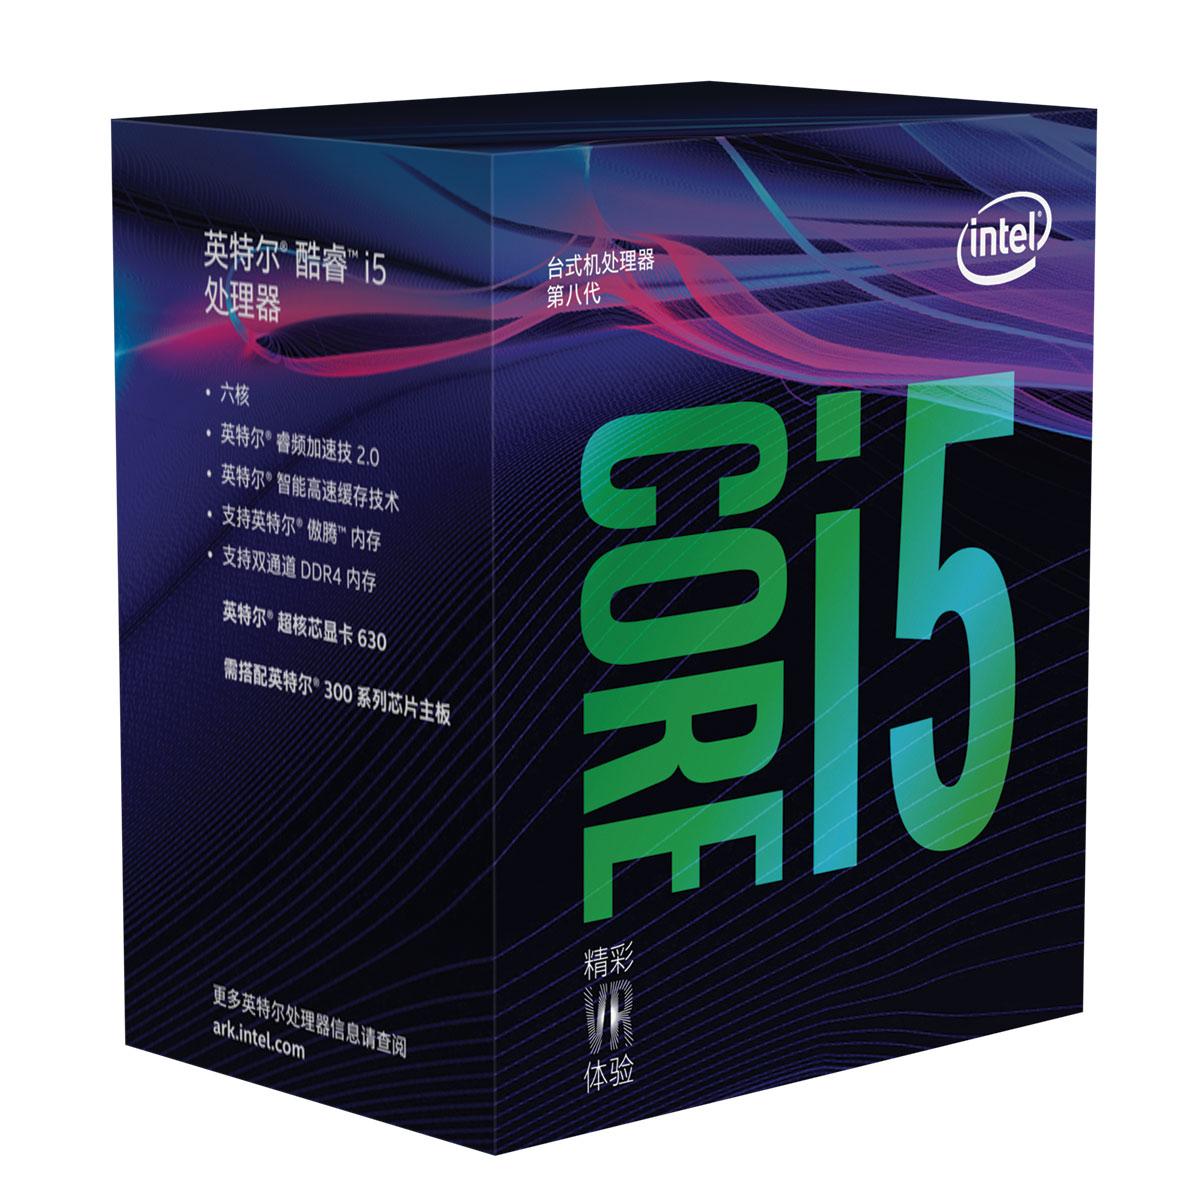 Intel Core i5 8400 - 2.8GHz - Processeur Intel - Cybertek.fr - 0